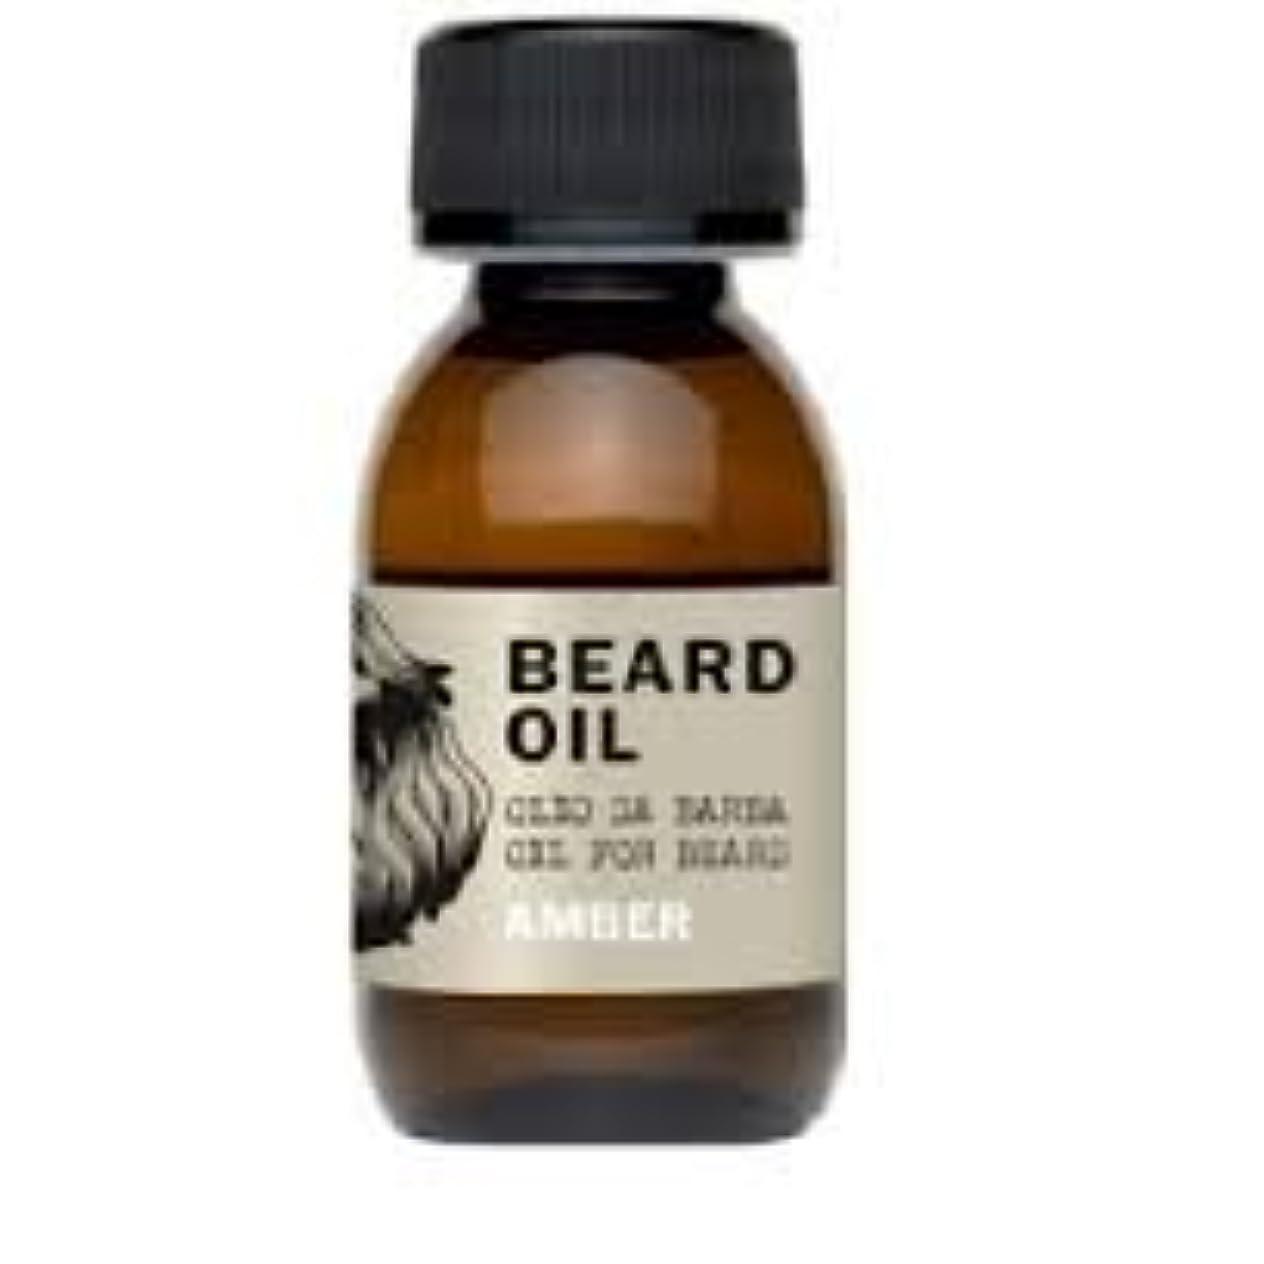 課税戦士塊Dear Beard ディア?ビアード Beard Oil Amber 50 ml [並行輸入品]